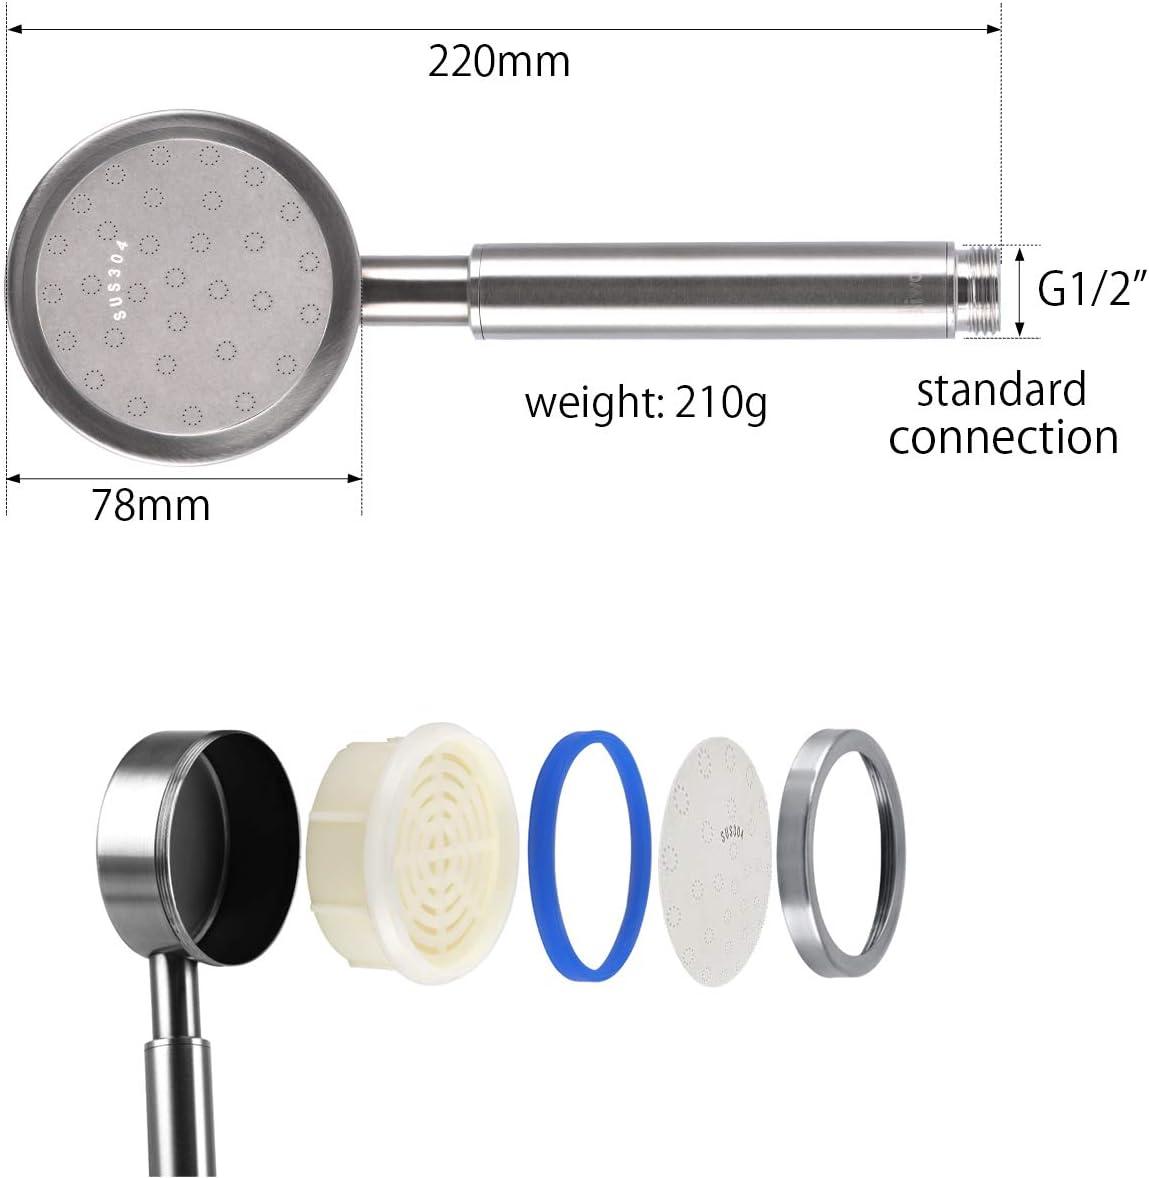 DIN-Schnittstelle G1 // 2,einfache Installation Bad Duschkopf AOKKR Duschkopf f/ür Schwimmbad Hochdruck Edelstahl 18//10 Handbrause,mit Wassersparfunktion